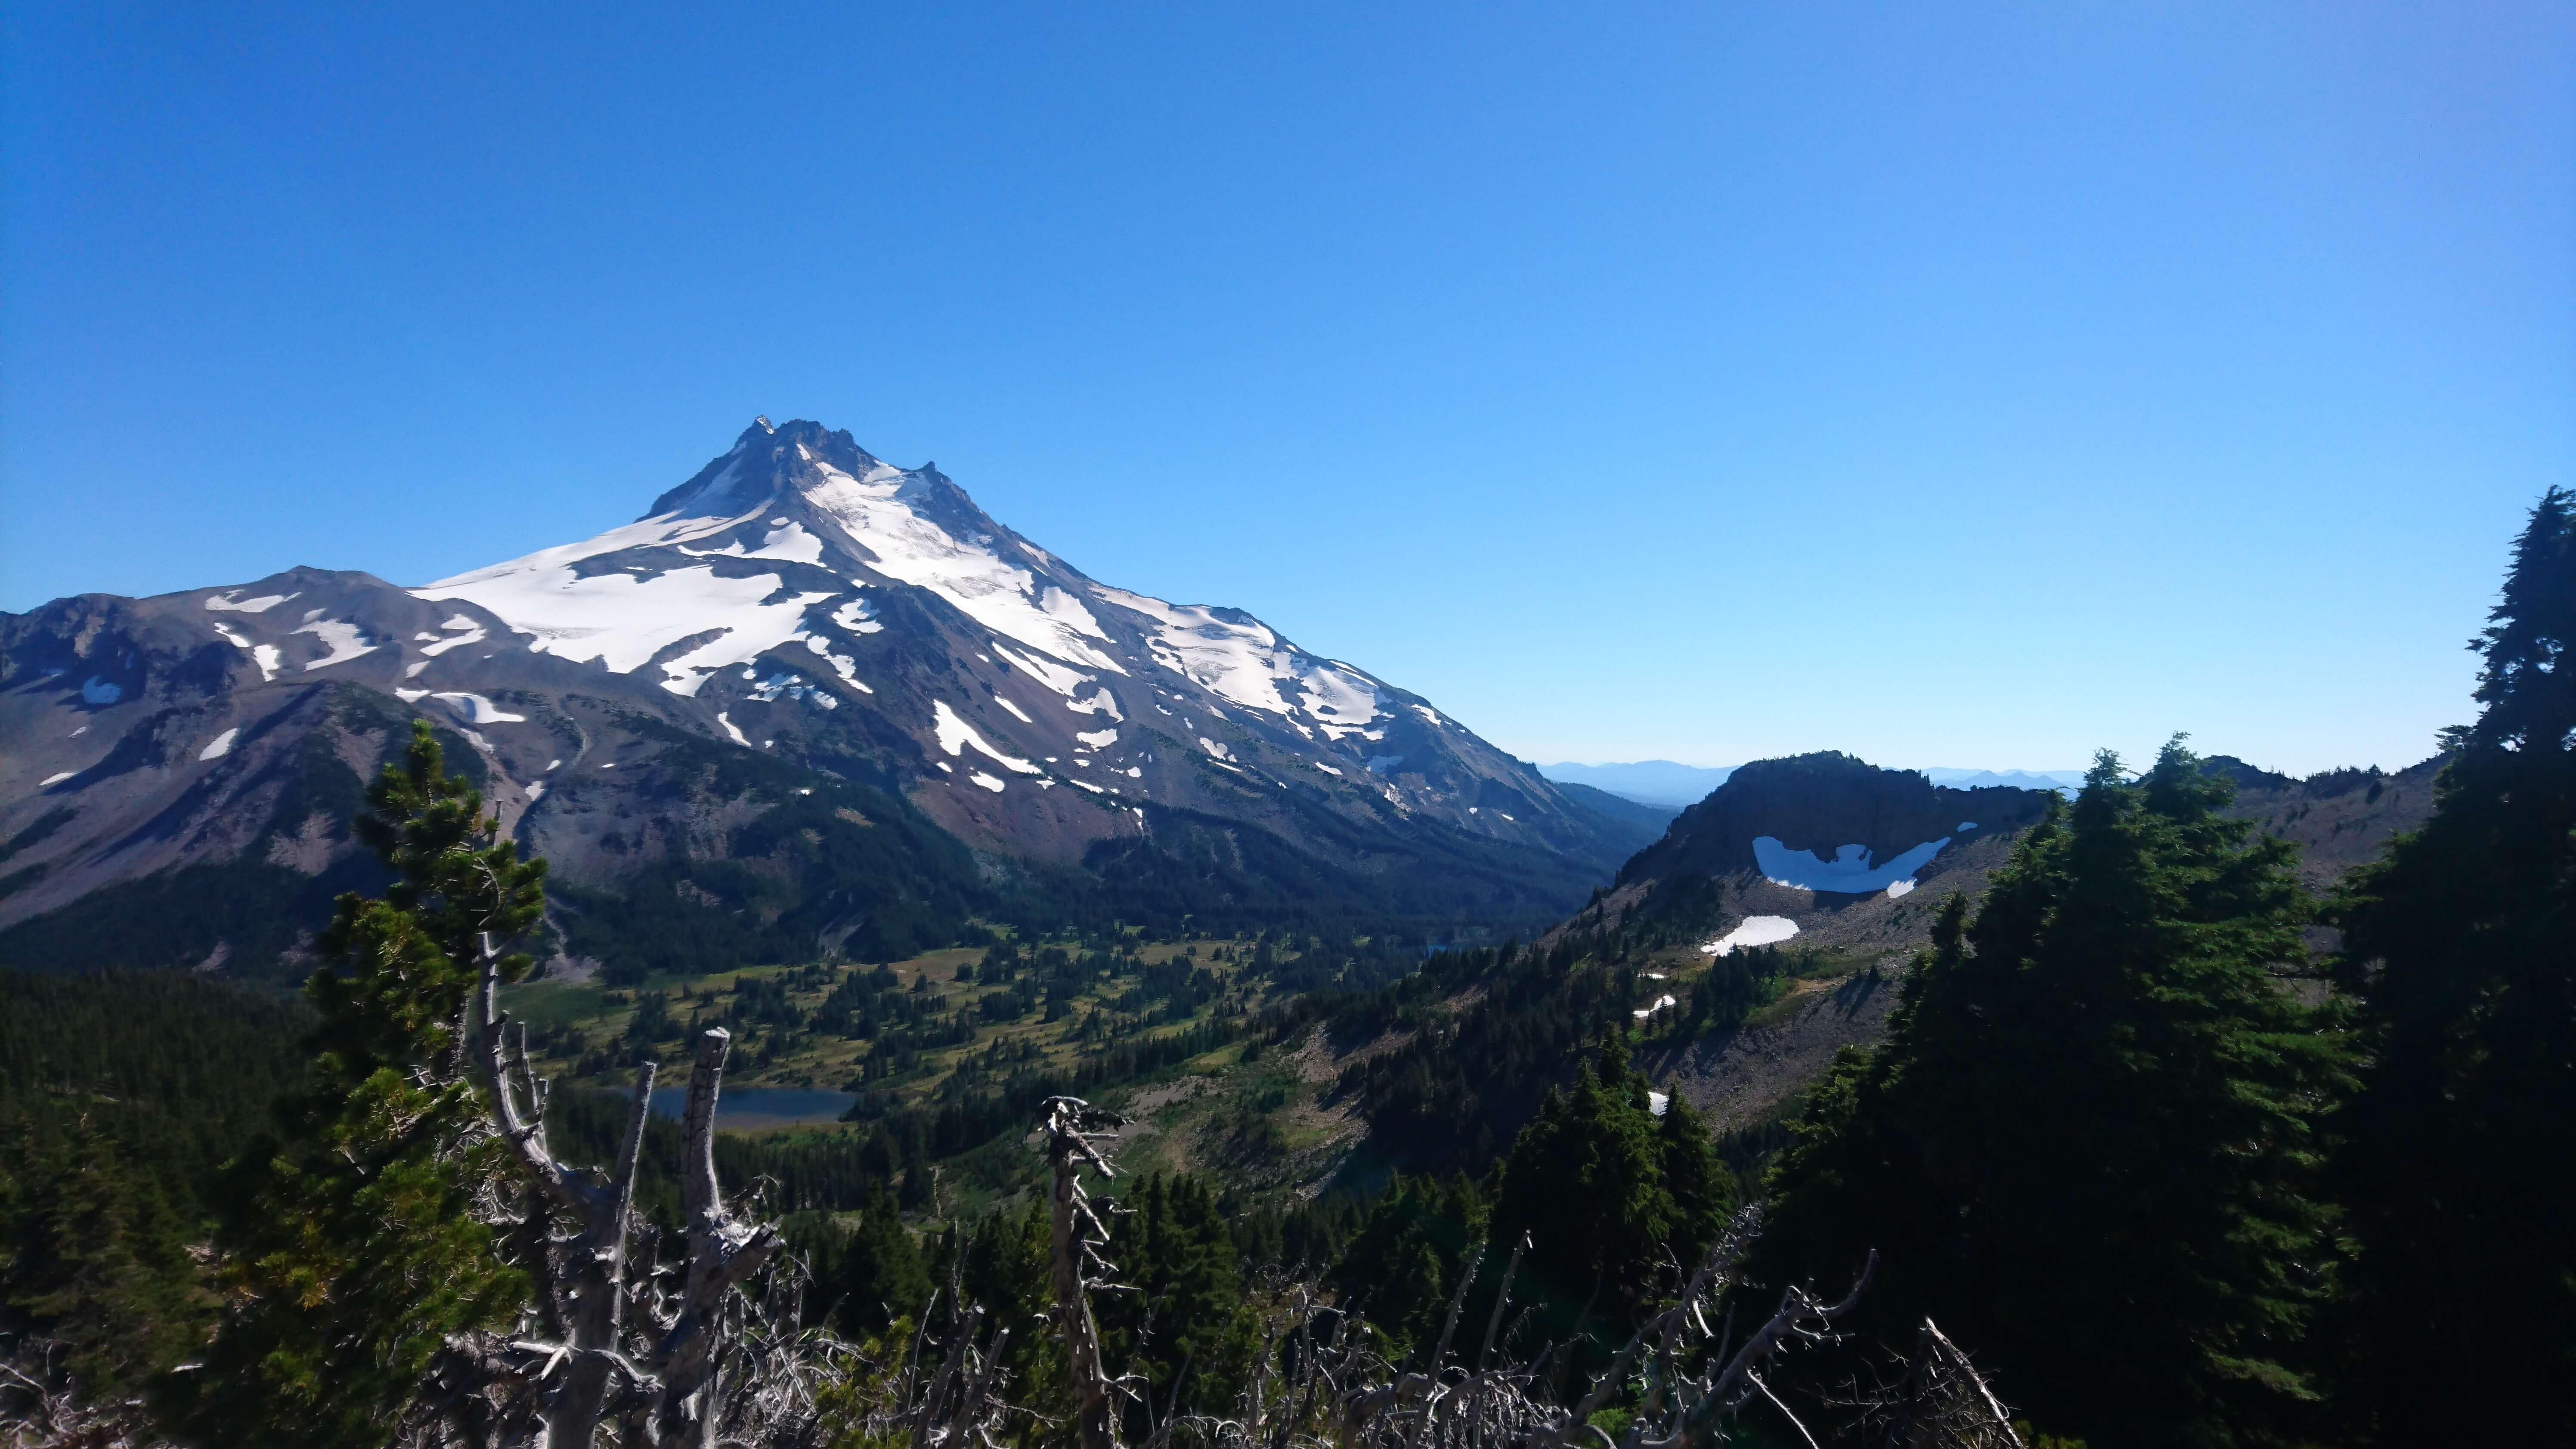 Et voici le mont Jefferson franchi !